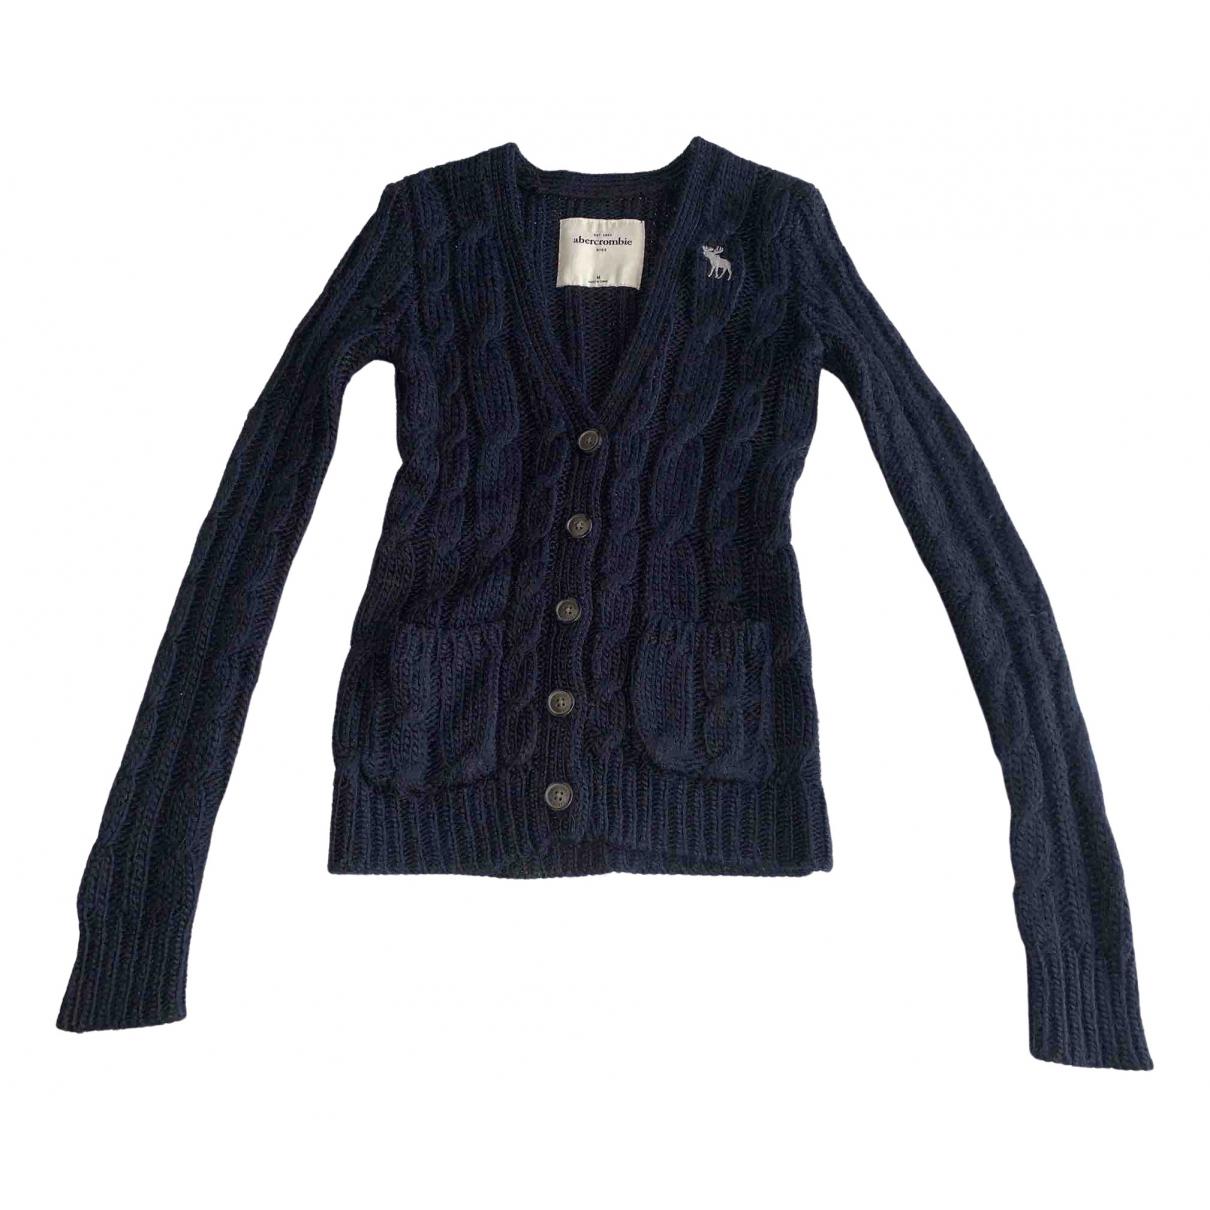 Abercrombie & Fitch - Pull   pour femme en laine - bleu